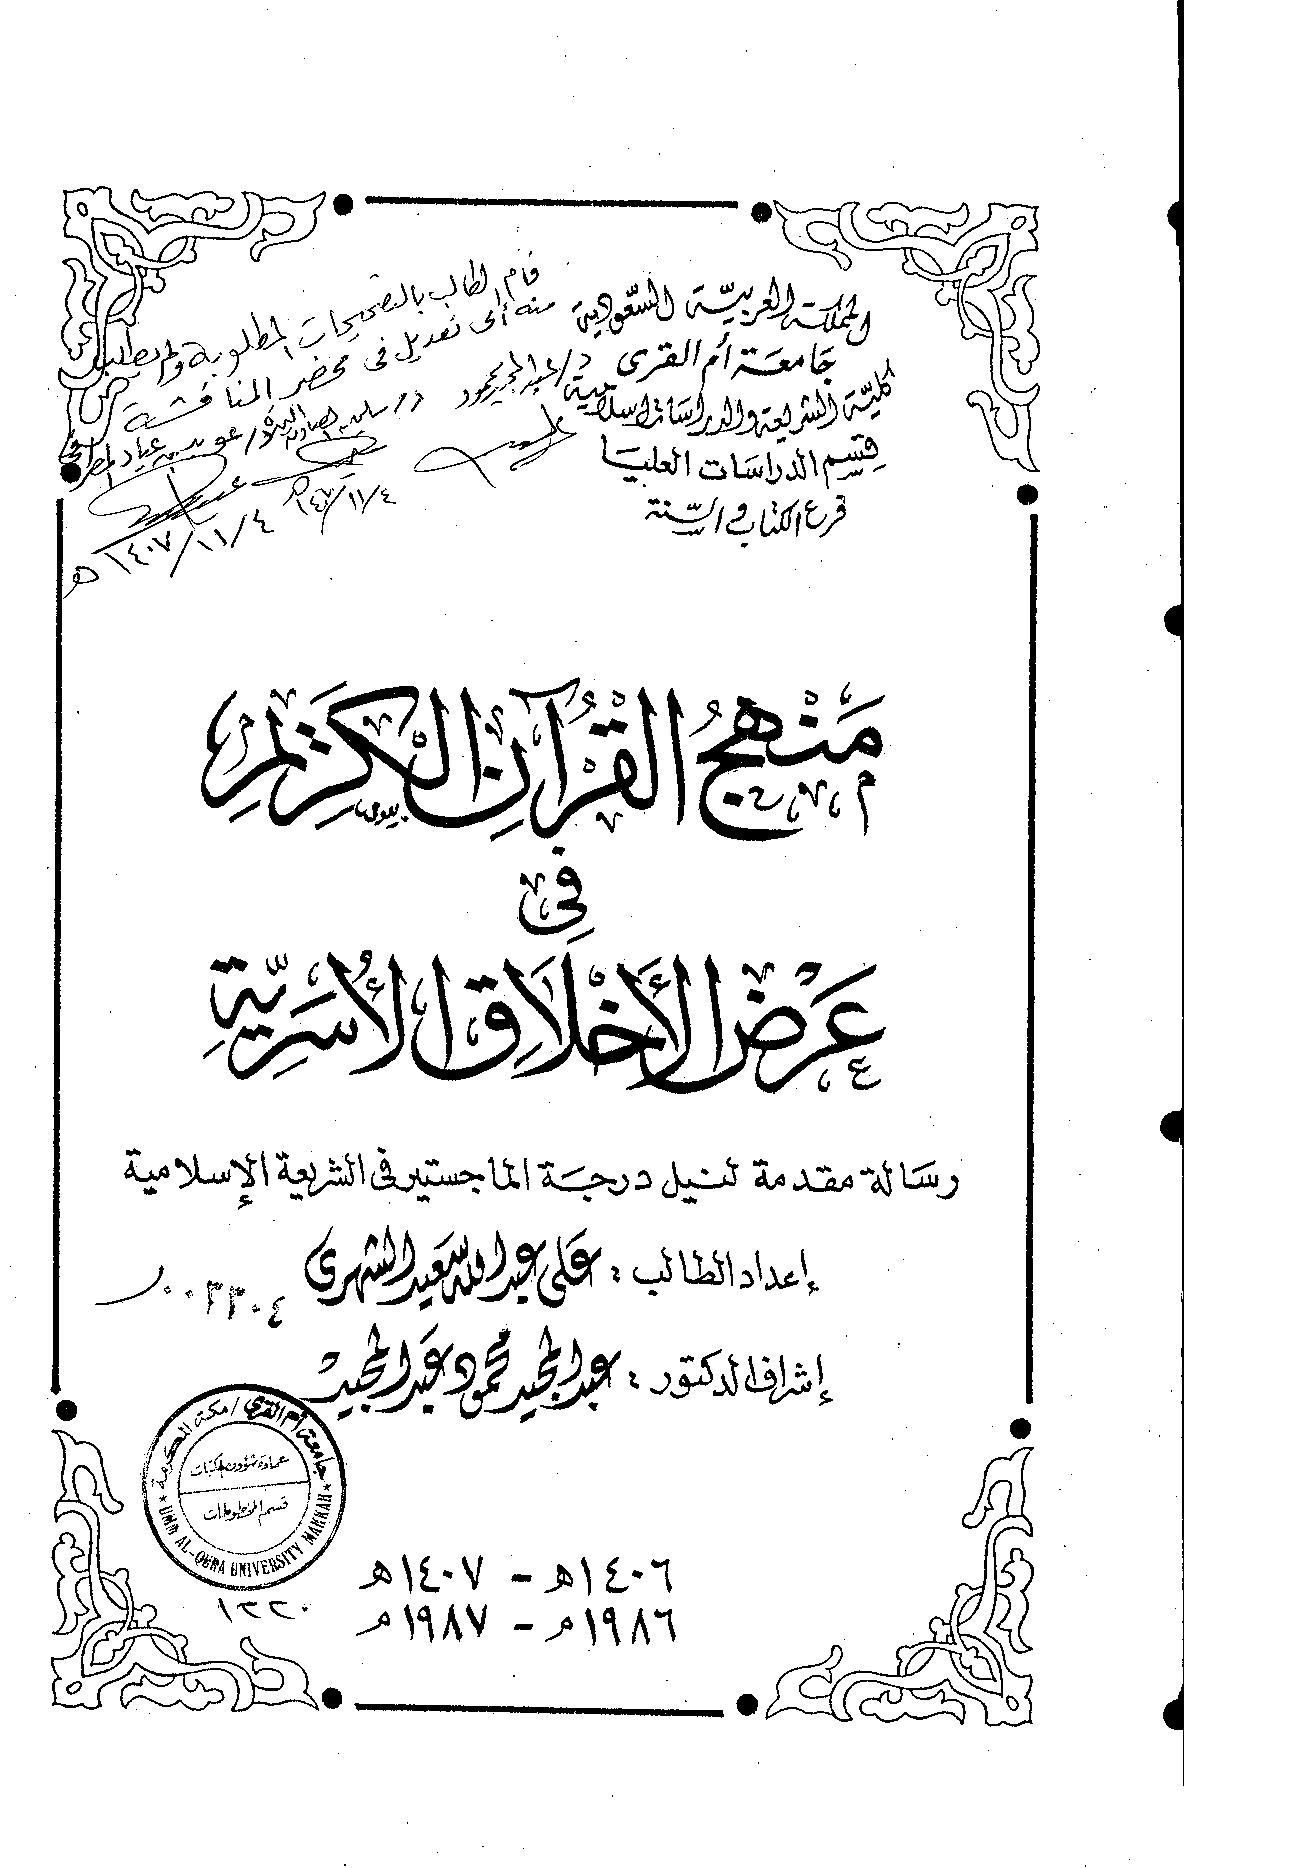 تحميل كتاب منهج القرآن الكريم في عرض الأخلاق الأسرية لـِ: علي عبد الله سعيد الشهري